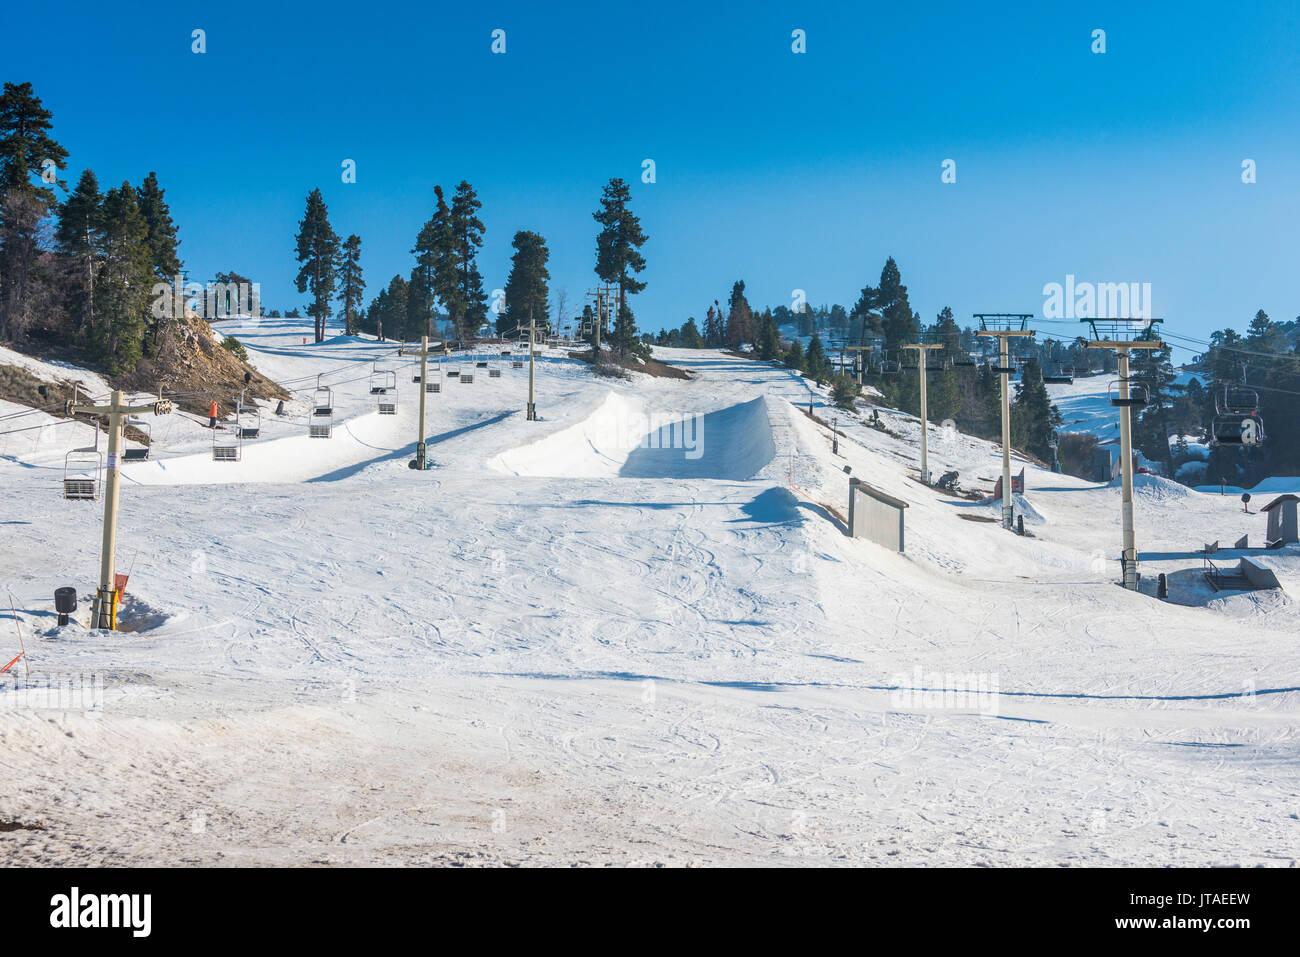 Stazione sciistica di Big Bear in primavera, San Bernardino Mountains, California, Stati Uniti d'America, America del Nord Immagini Stock